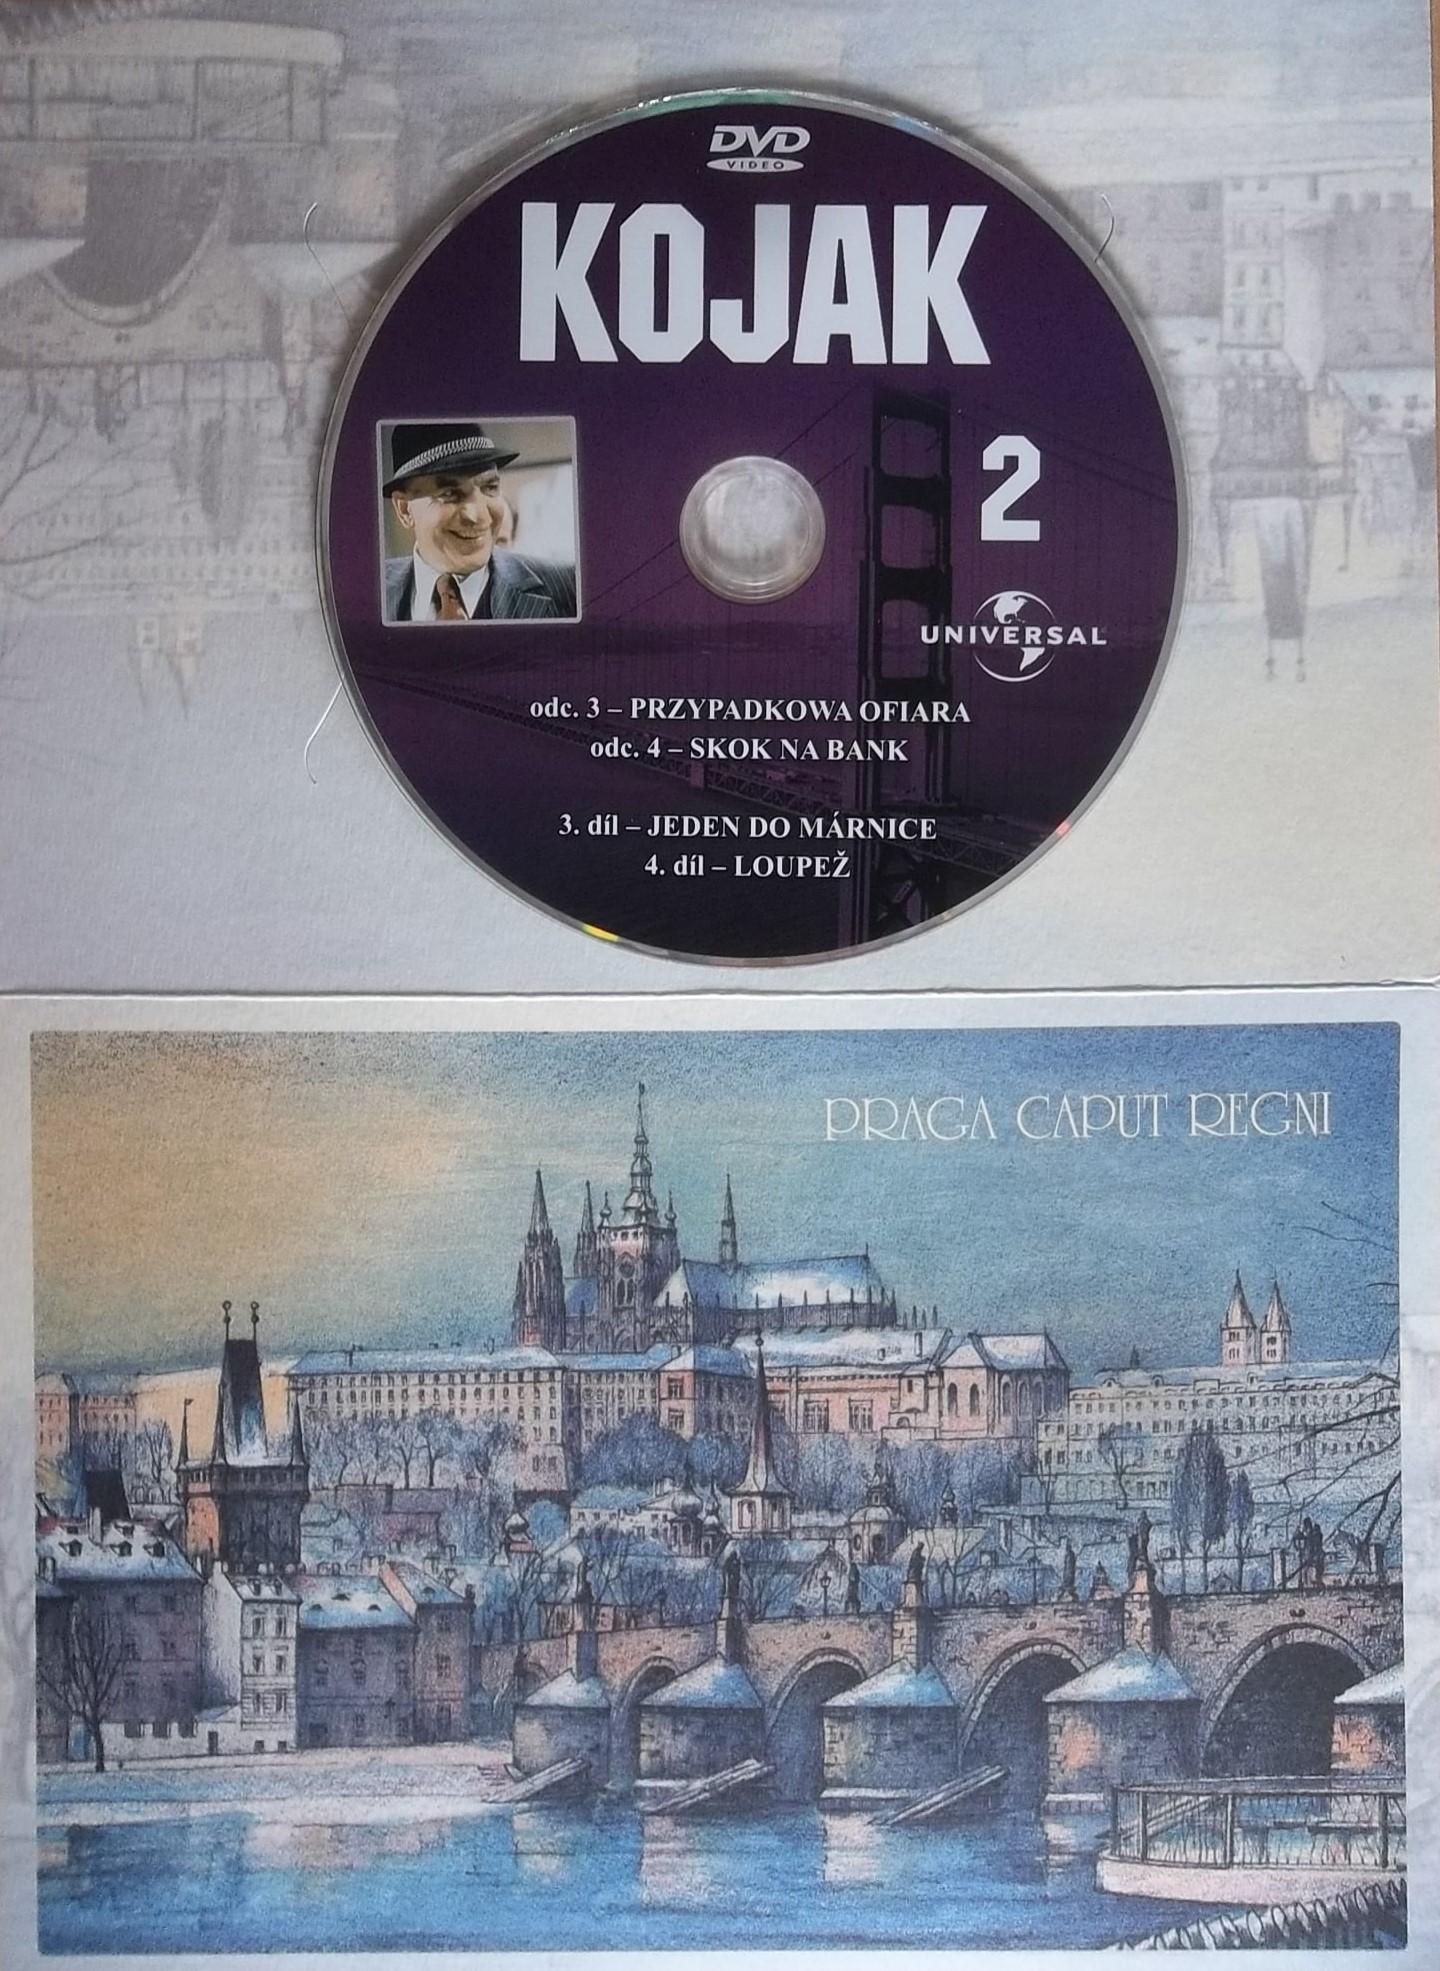 Kojak 2 (dárková obálka) DVD